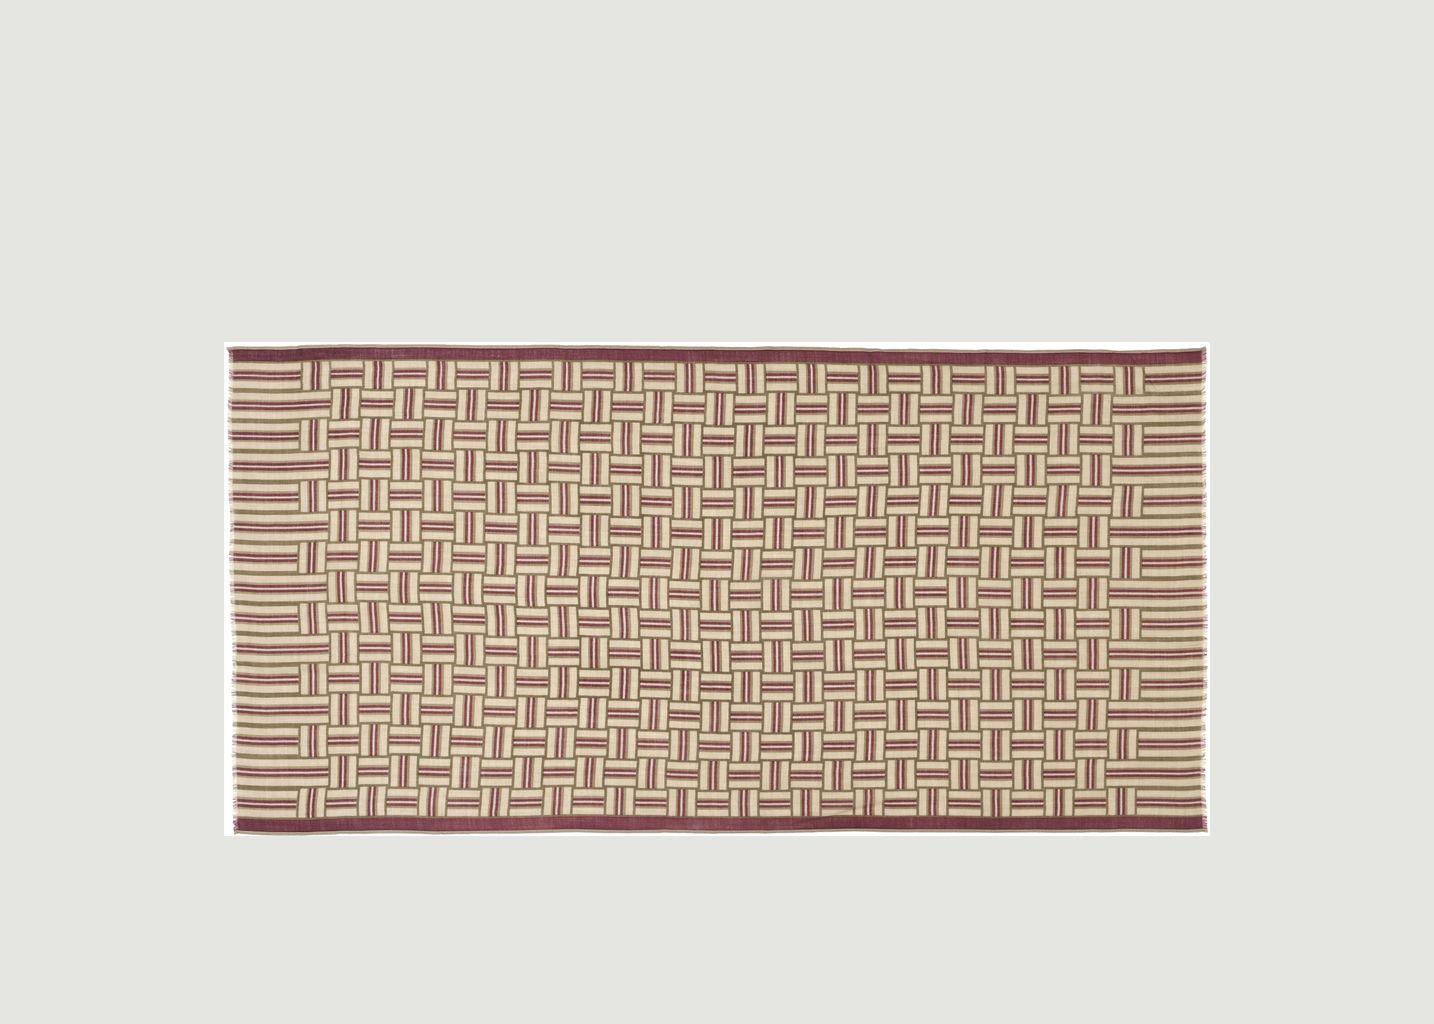 Echarpe en laine motif géométrique N°460 - Moismont